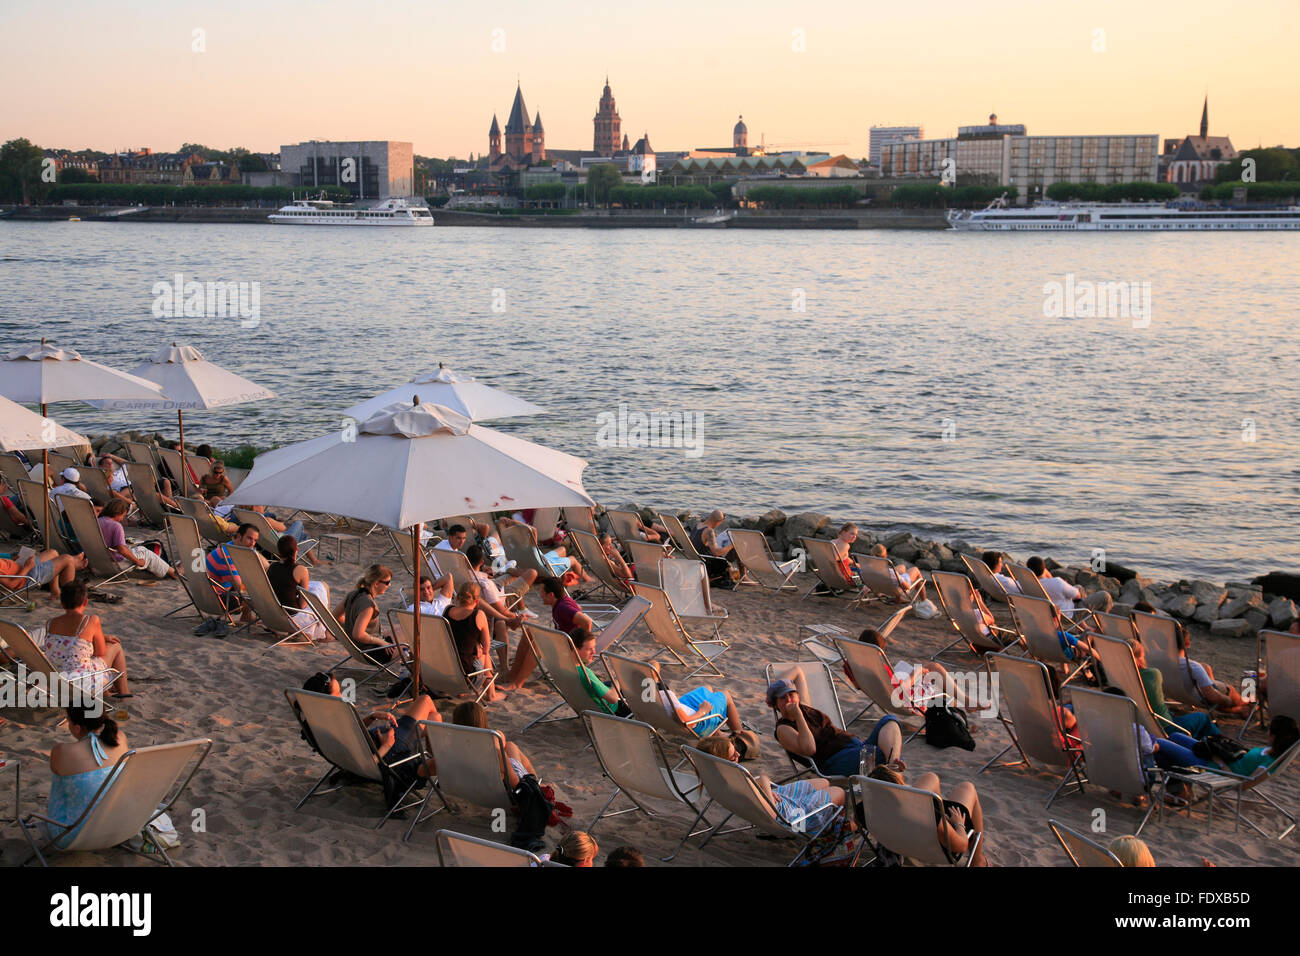 Deutschland, Hessen, Wiesbaden, Stadtteil Mainz-Kastel, Strandcafe mit Blick auf die Mainzer Skyline - Stock Image